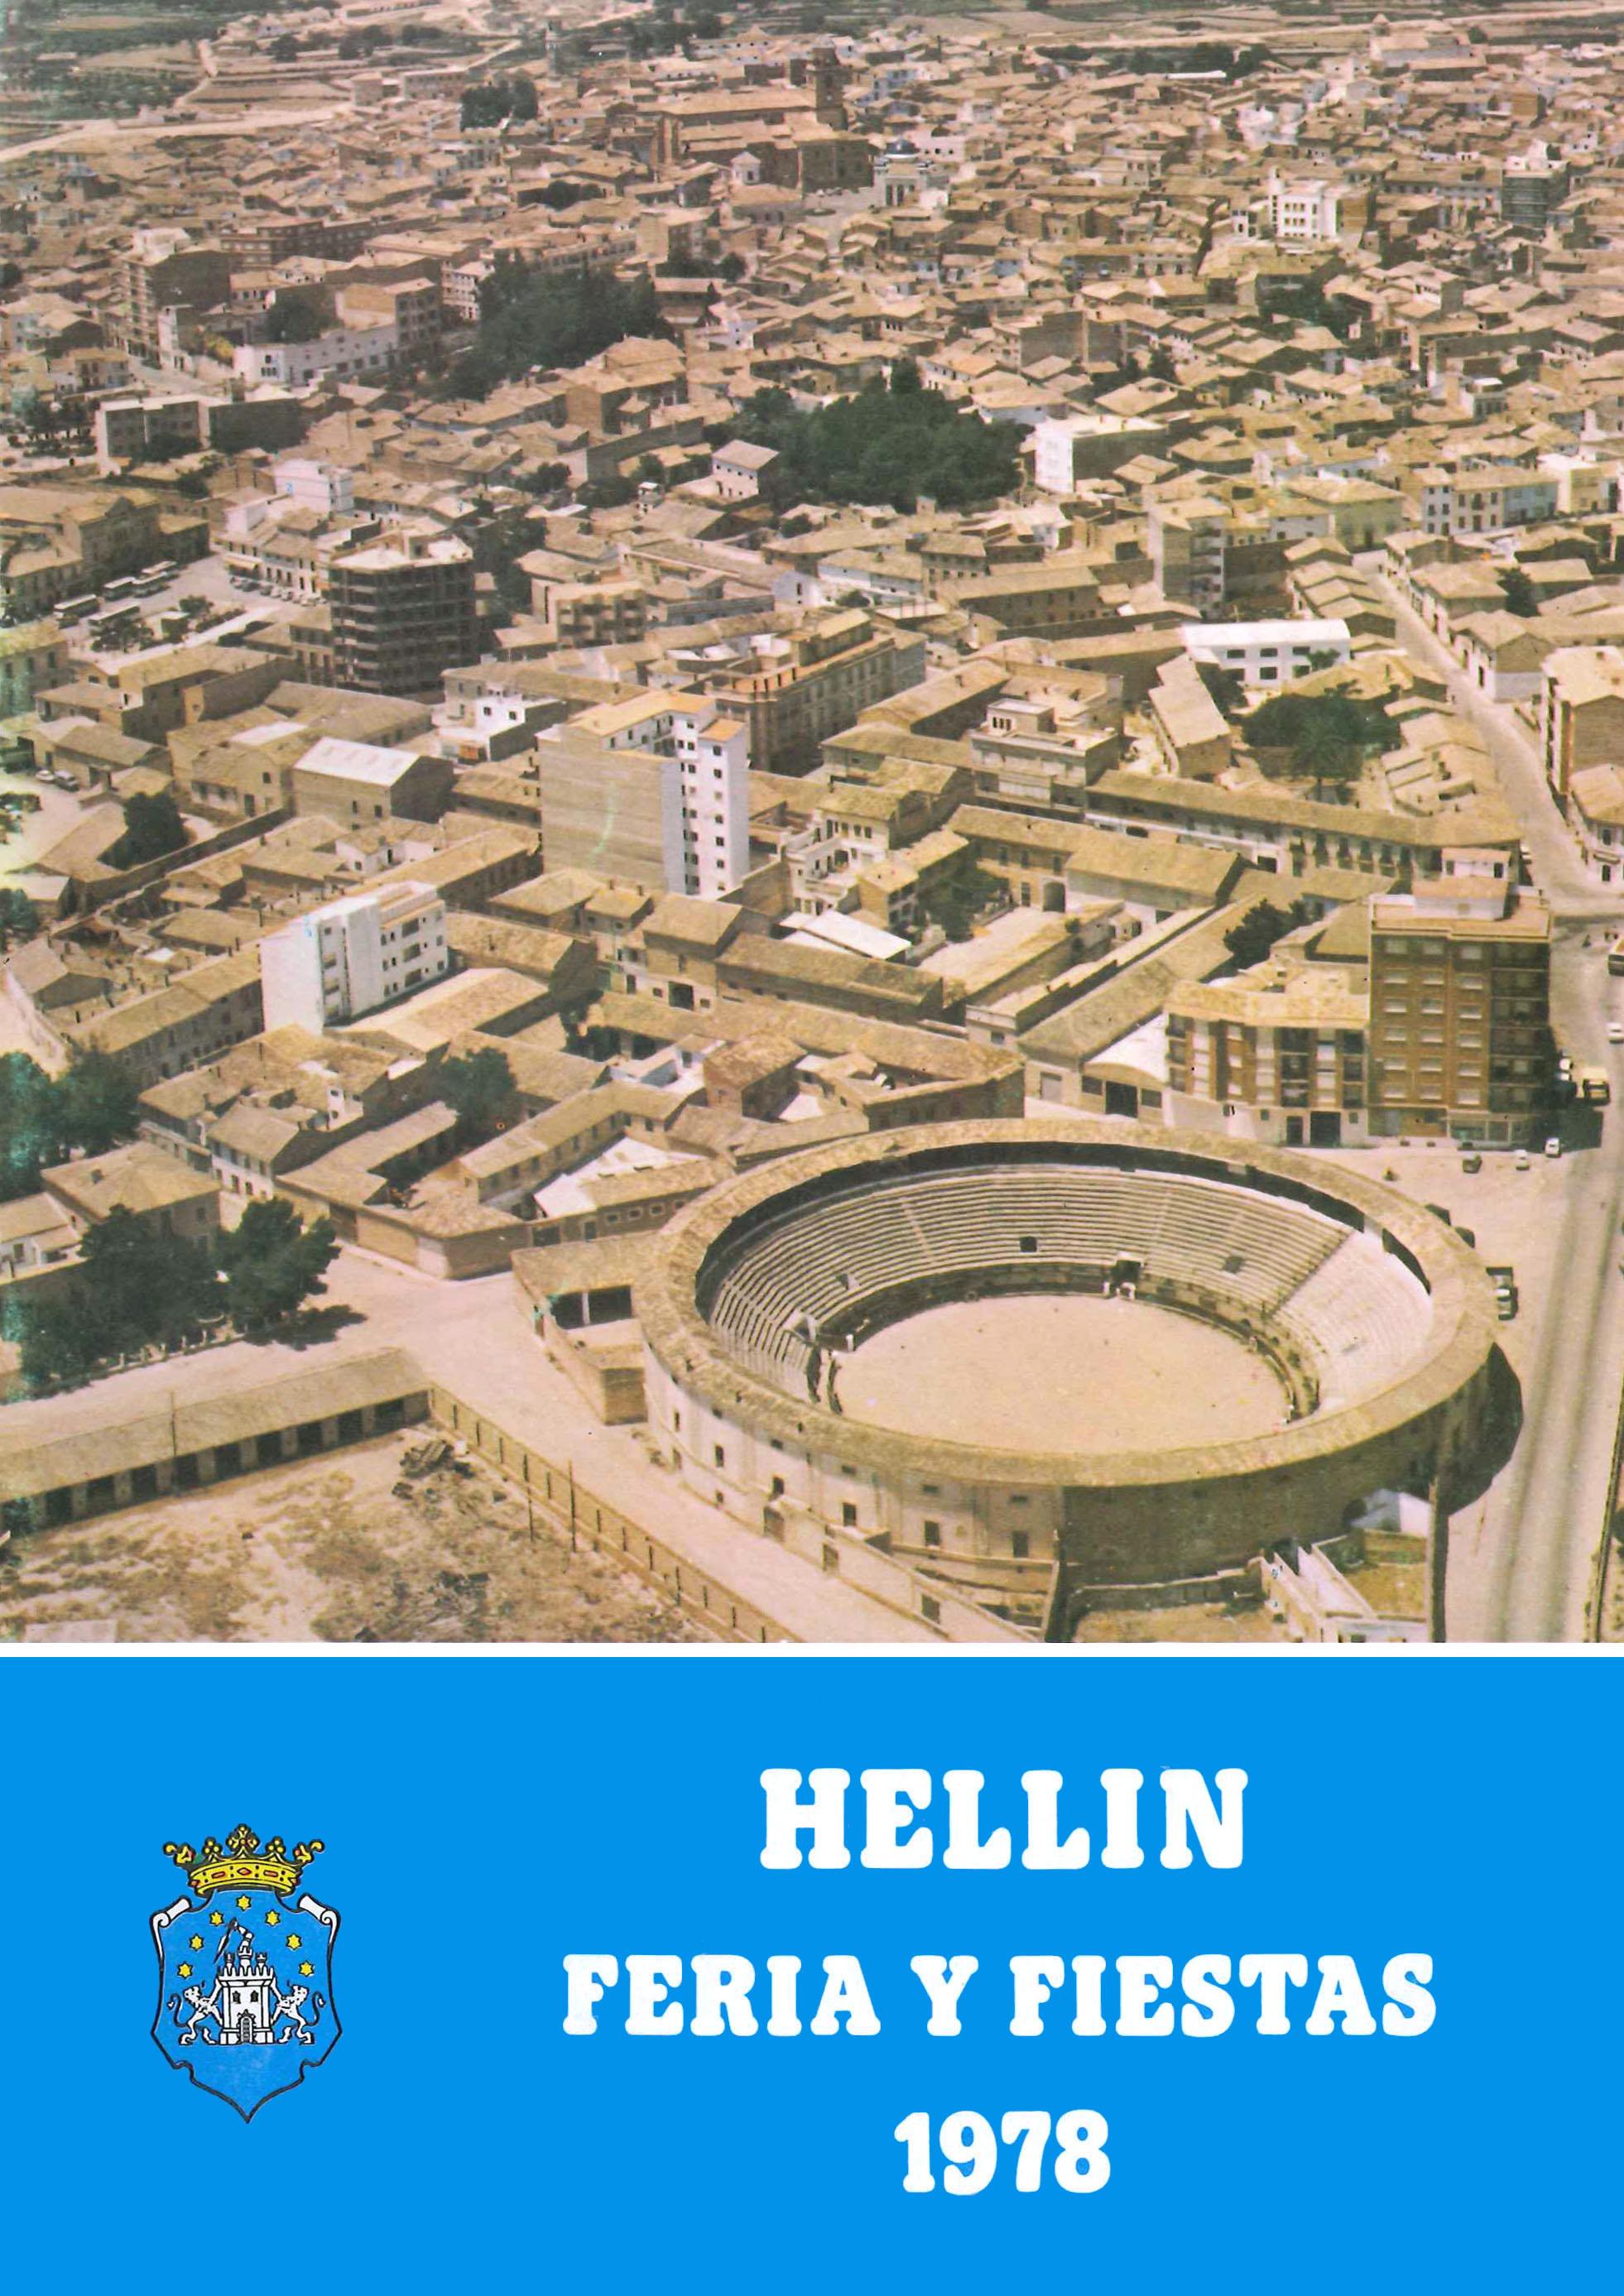 Programa de la Feria de Hellín - 1978